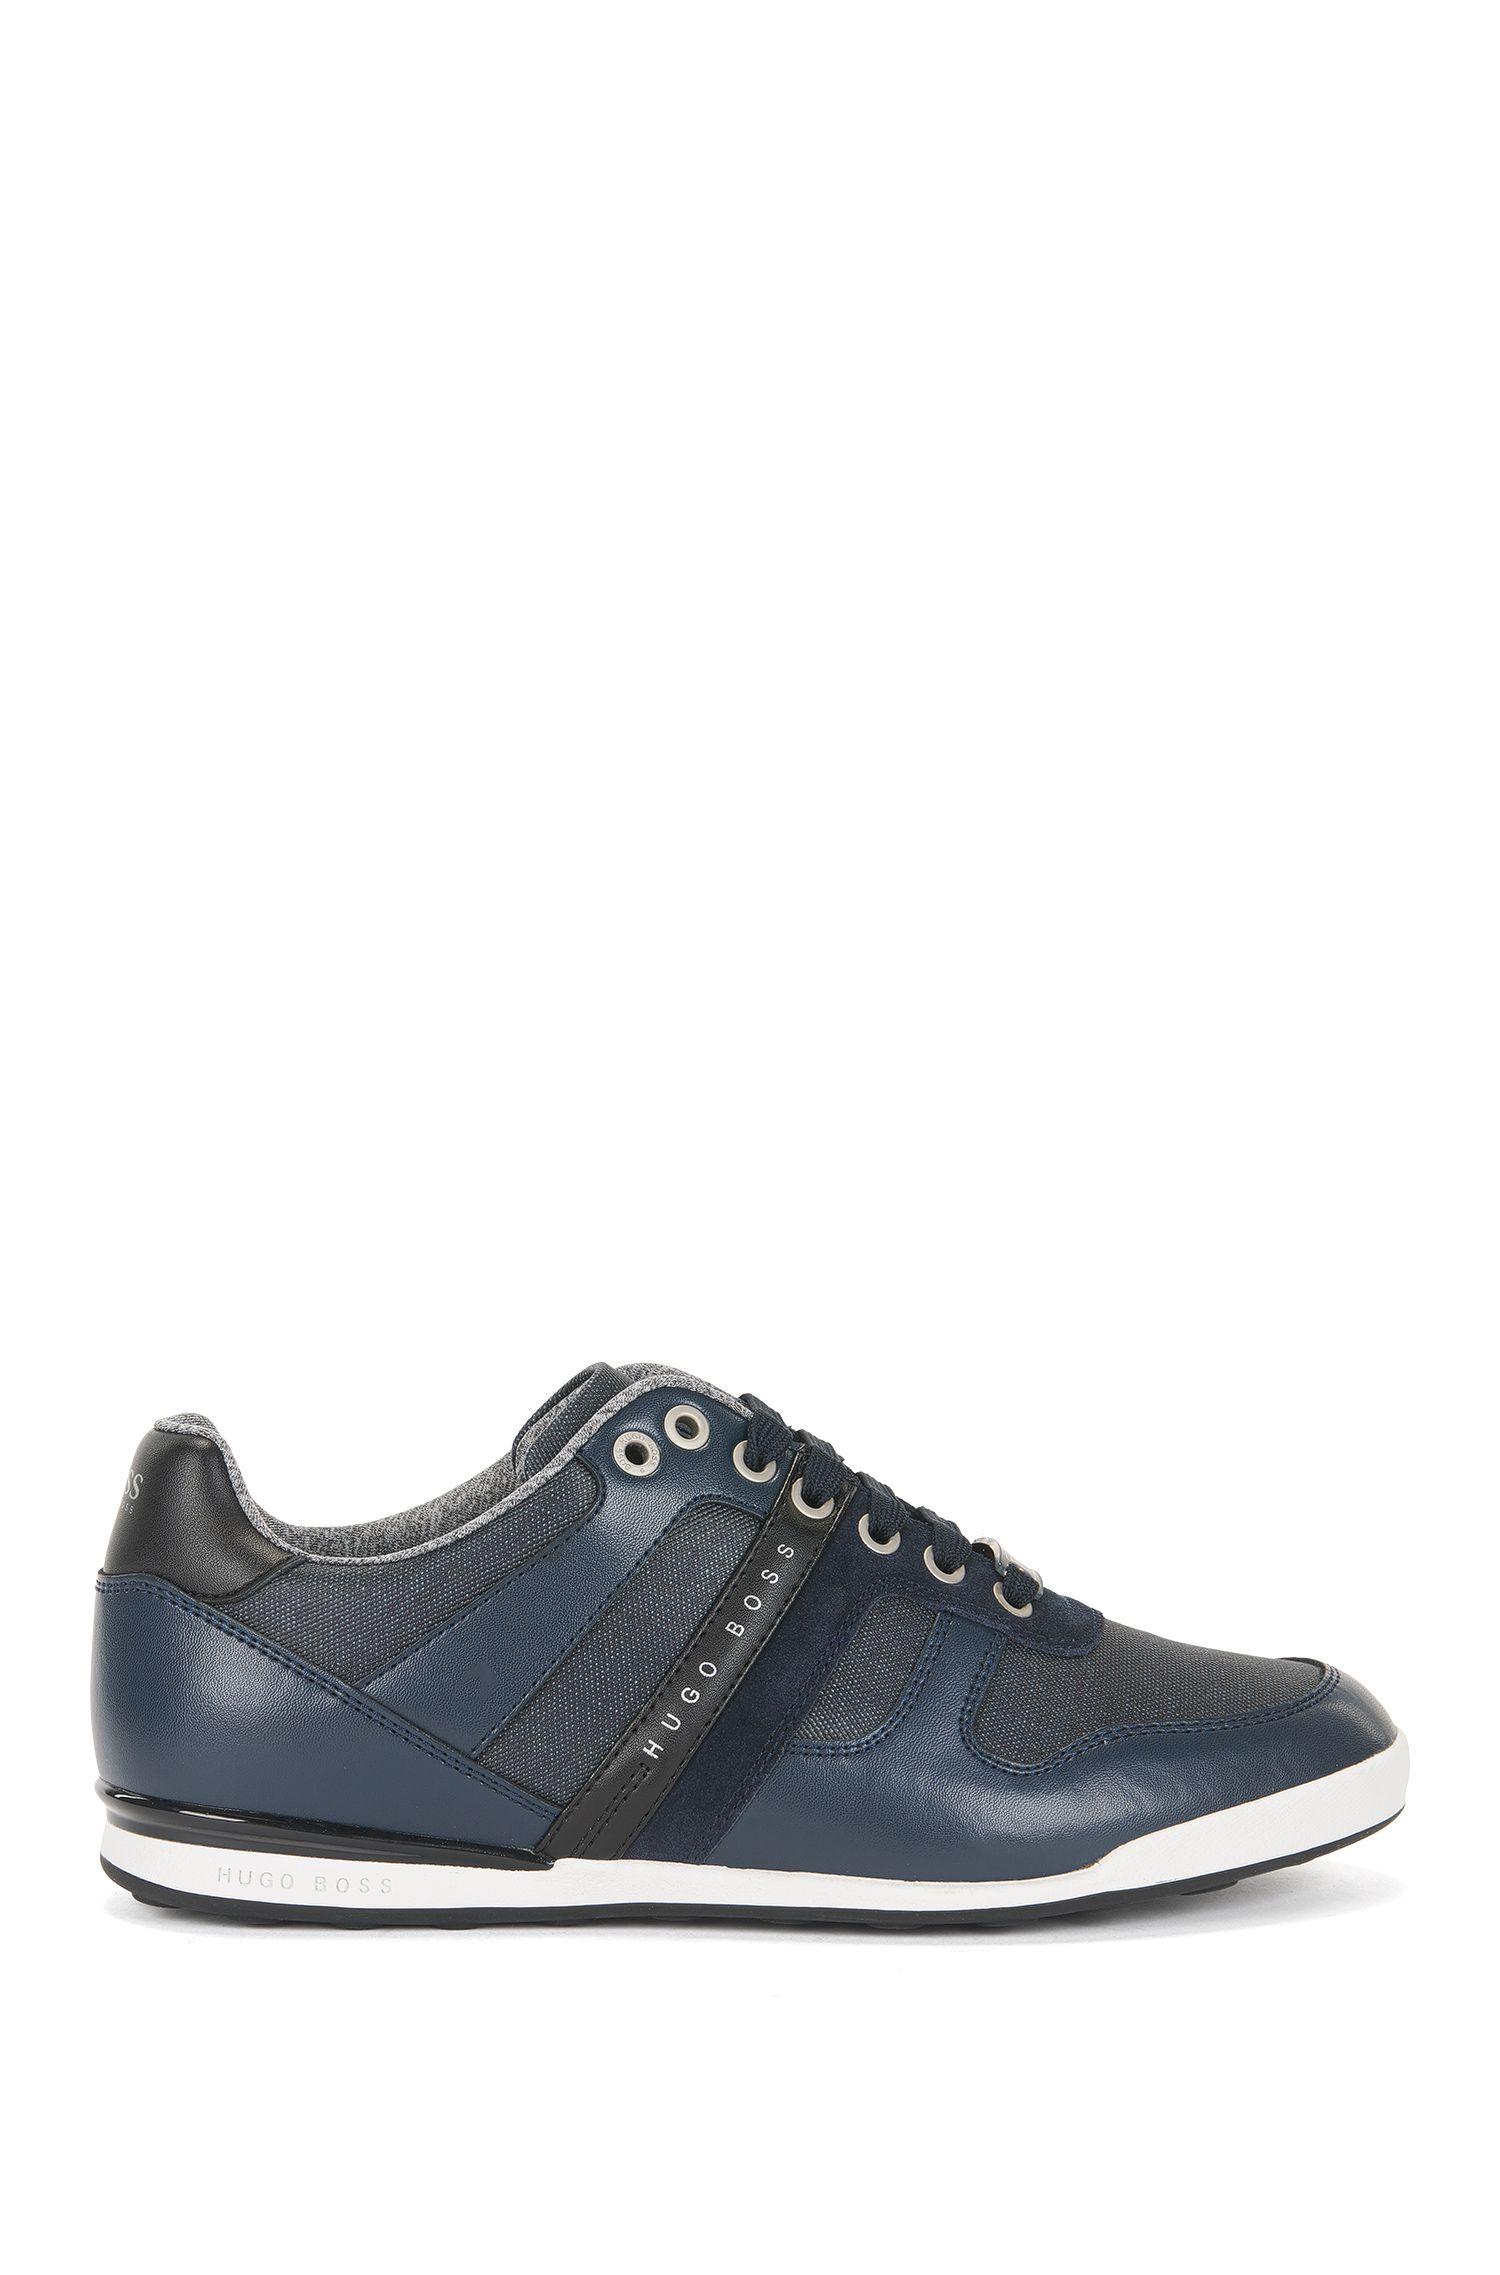 Sneakers aus Leder und beschichtetem Denim